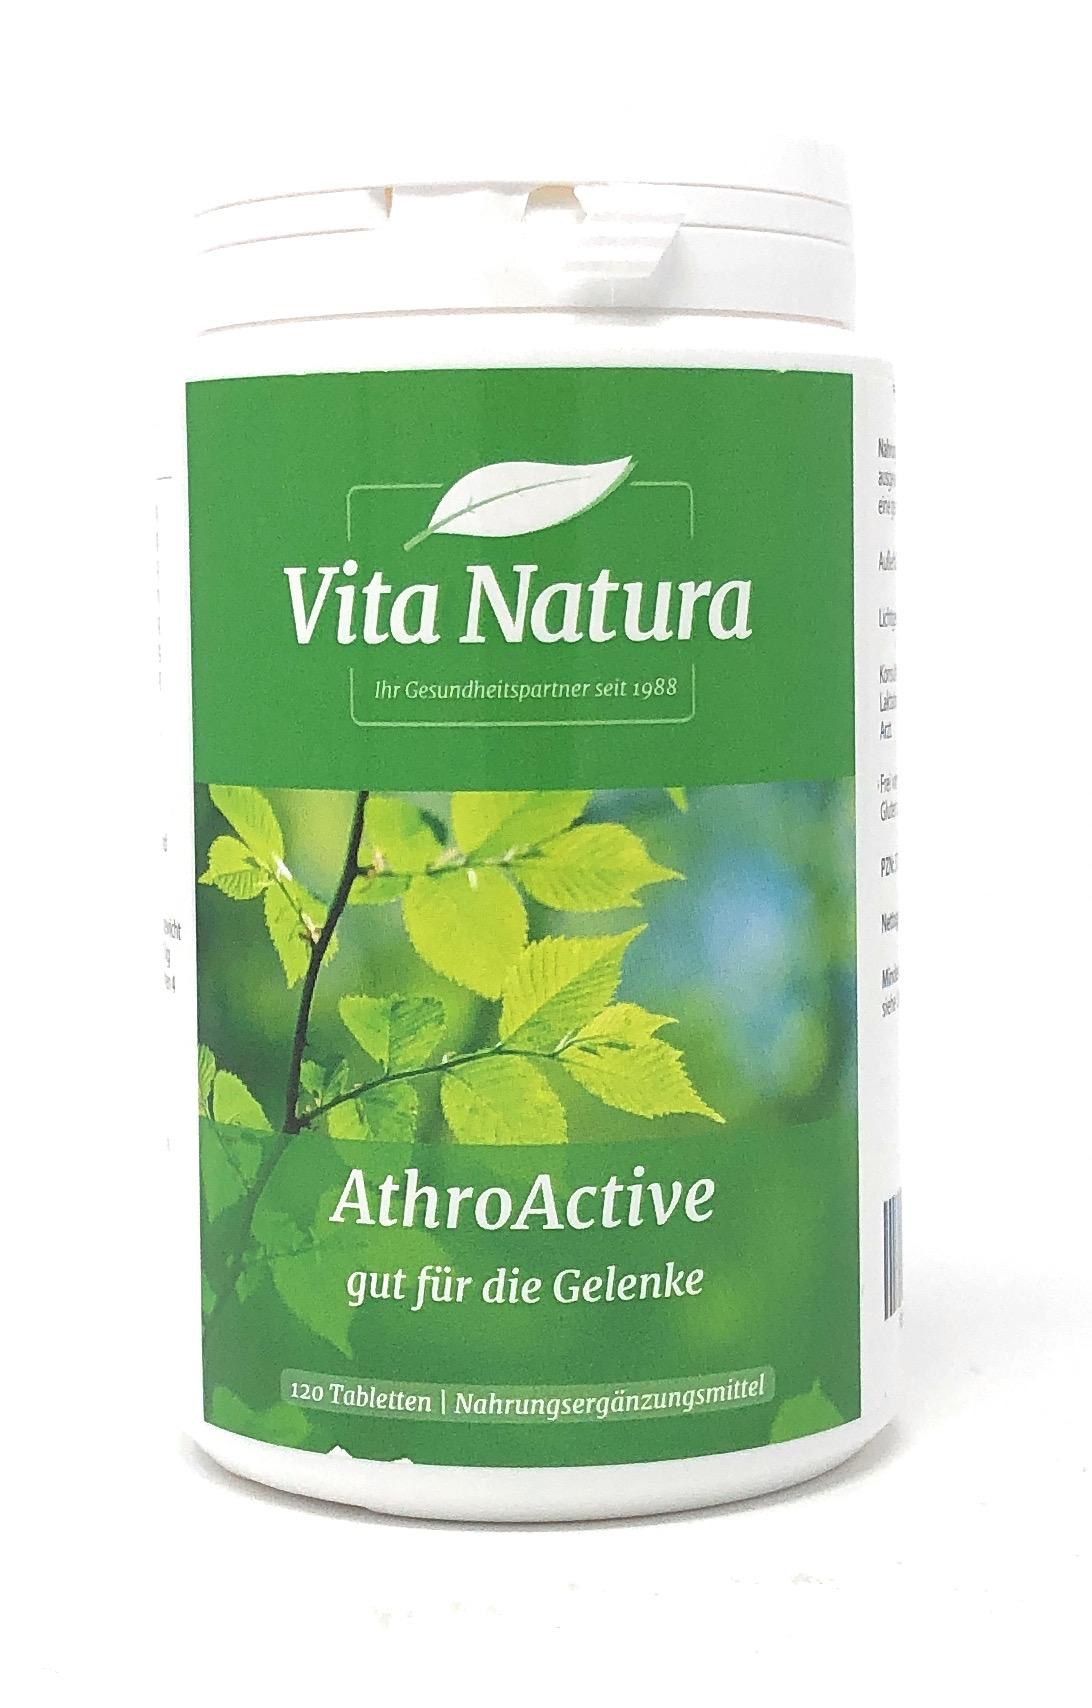 Vita Natura AthroActive 120 Tabletten (294g)